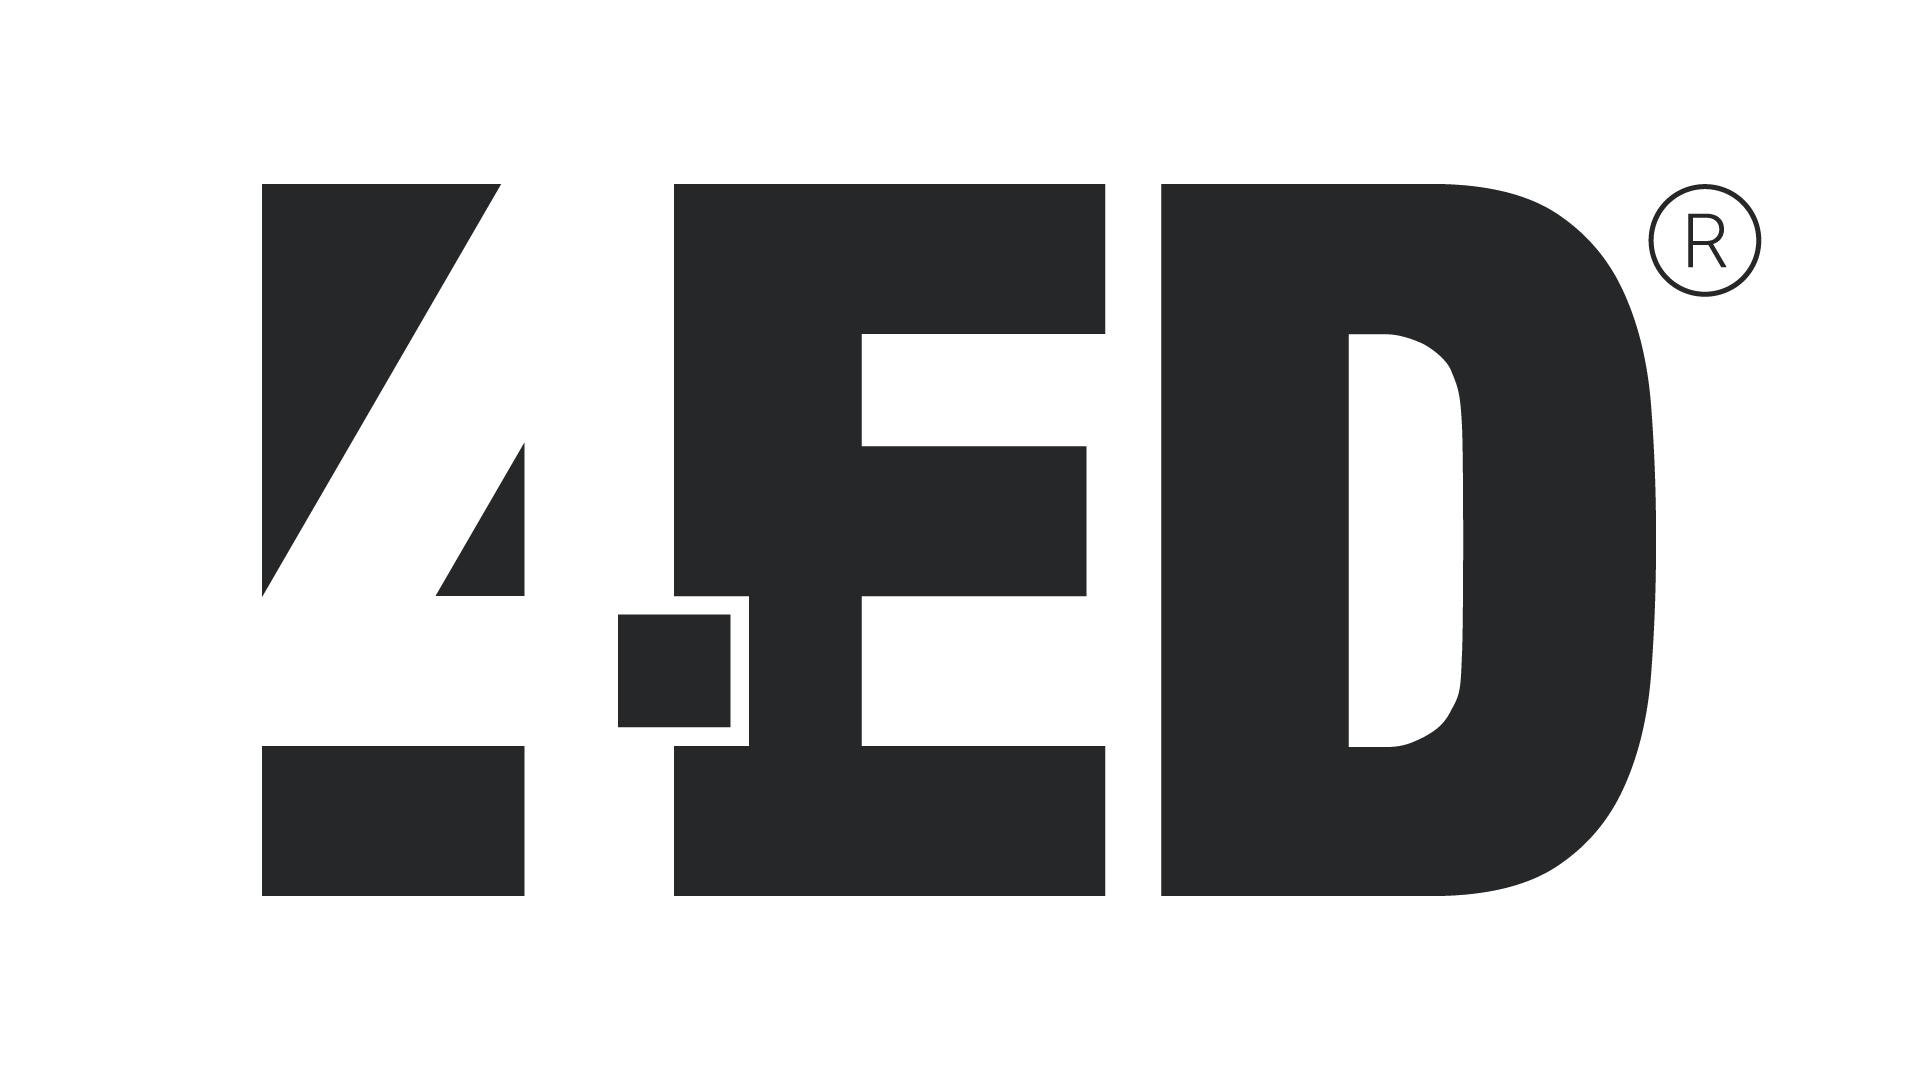 significado-logotipo-4ed